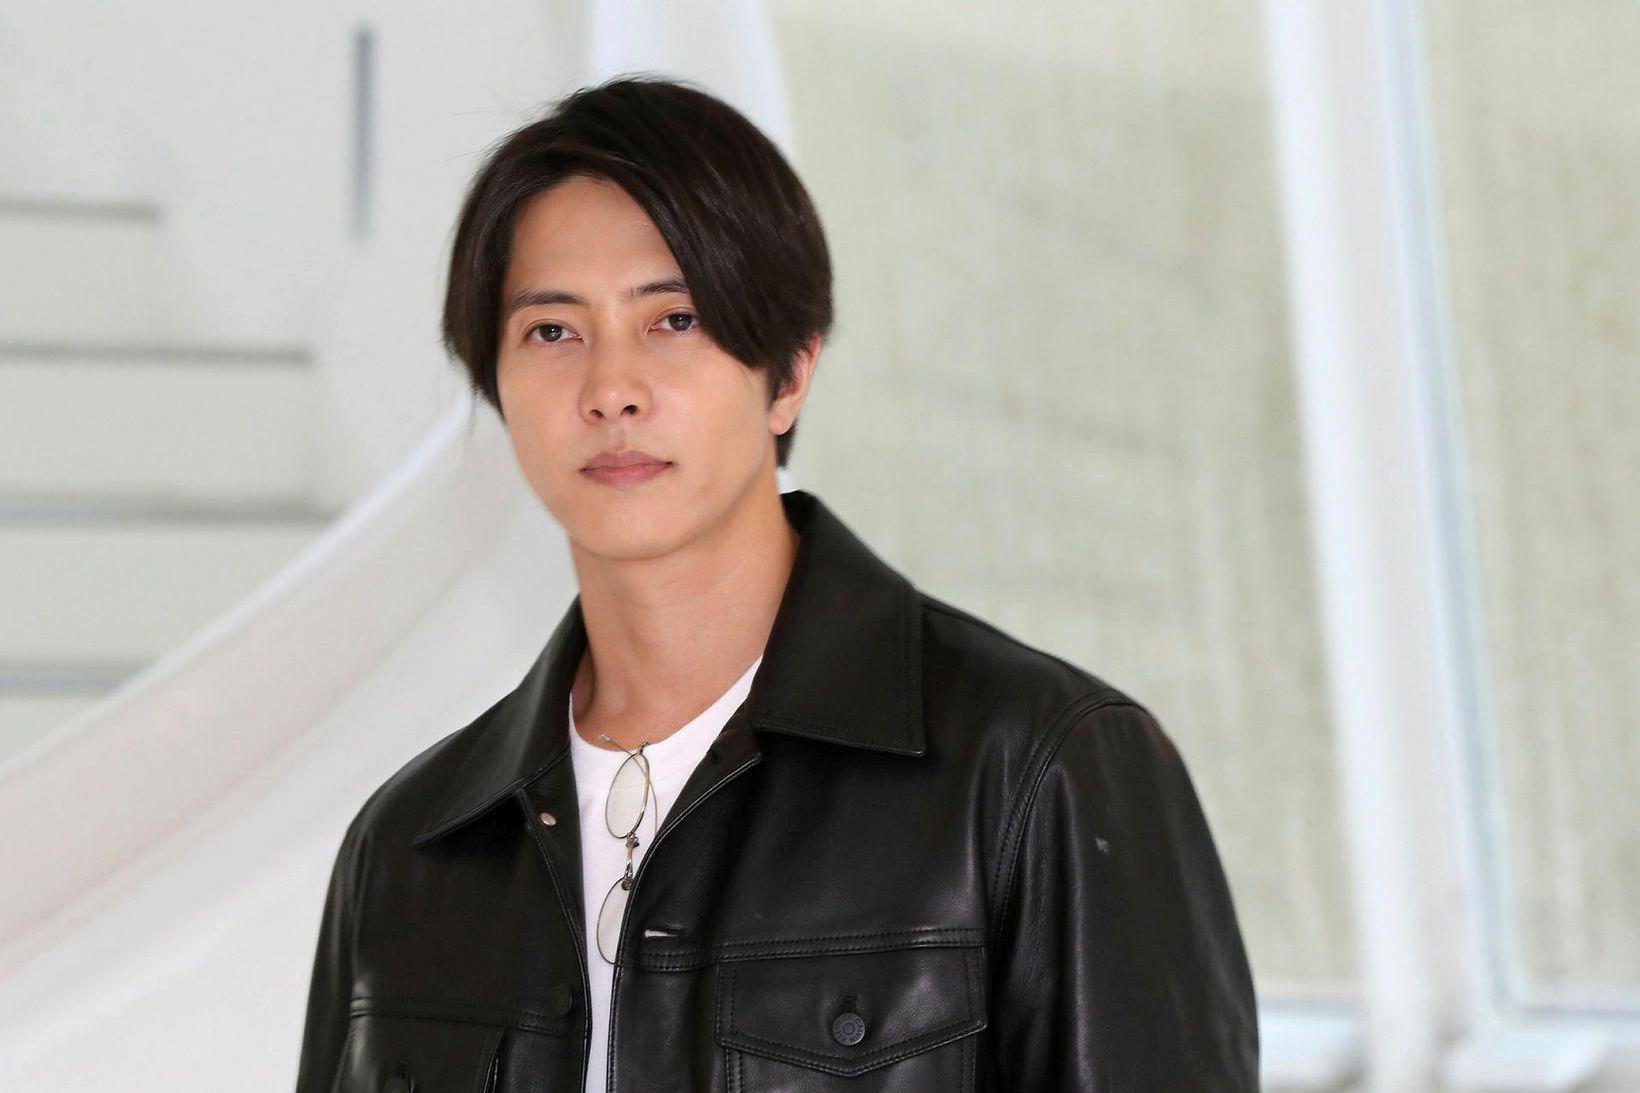 Tomohisa Yamashita fer með aðalhlutverk í seríunni The Head. Hann …